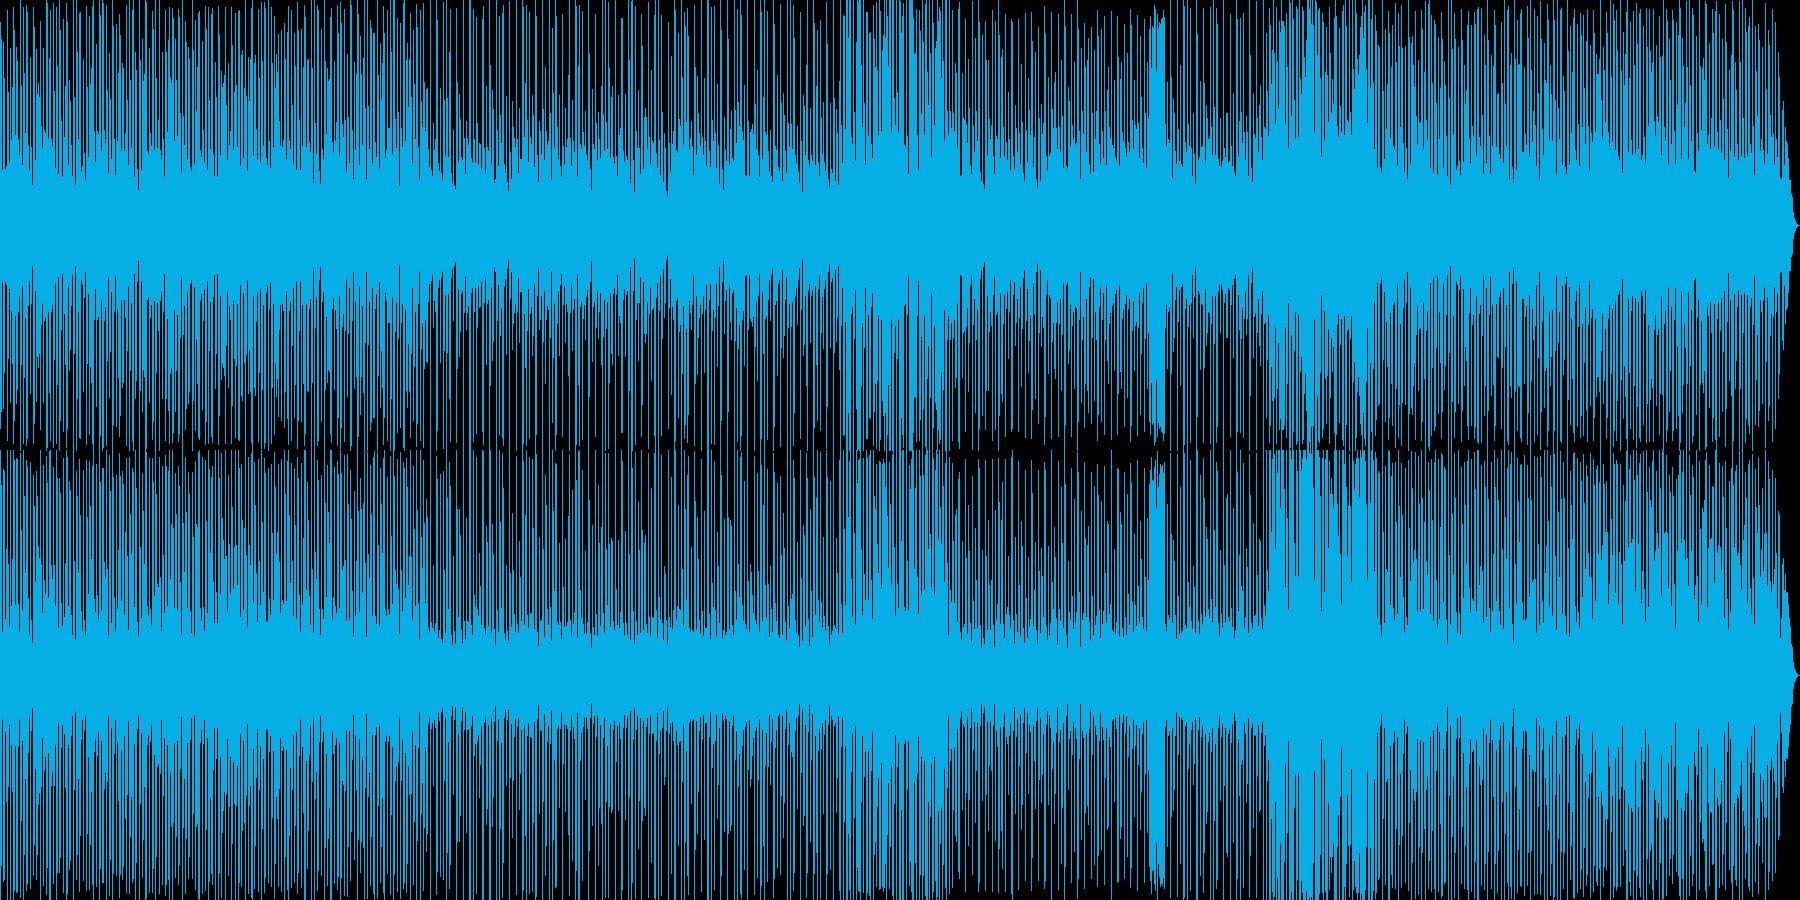 ゲーム風の音楽ですの再生済みの波形